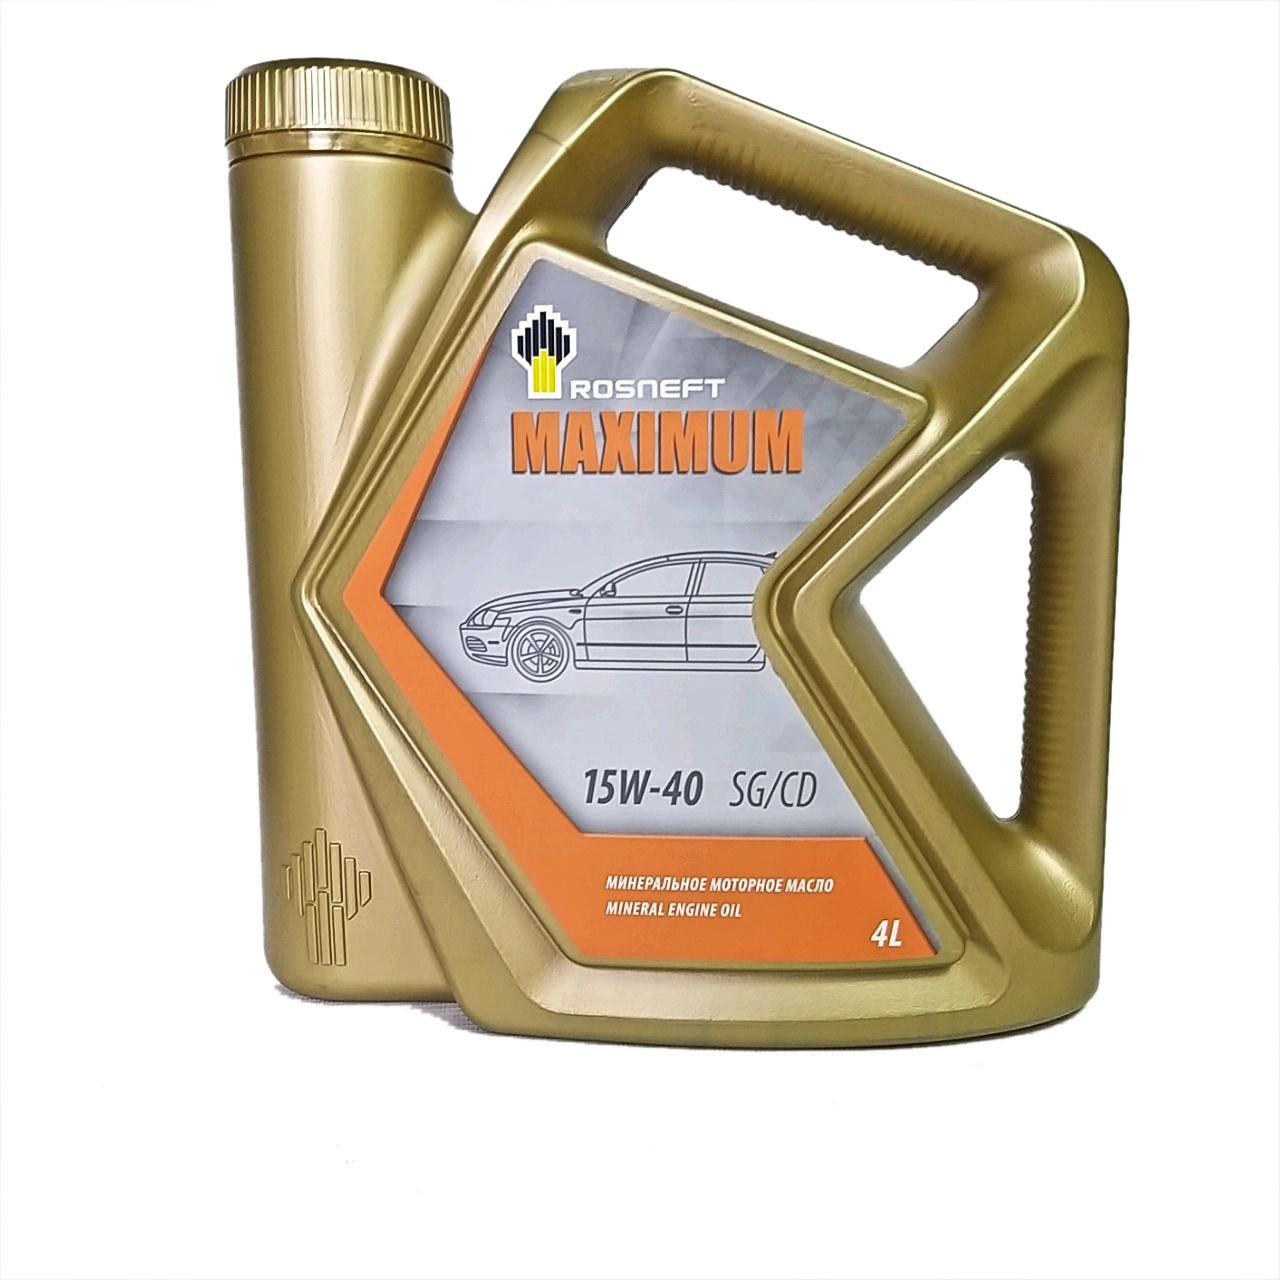 Rosneft Maximum 15w-40 (SG/CD) 4L.